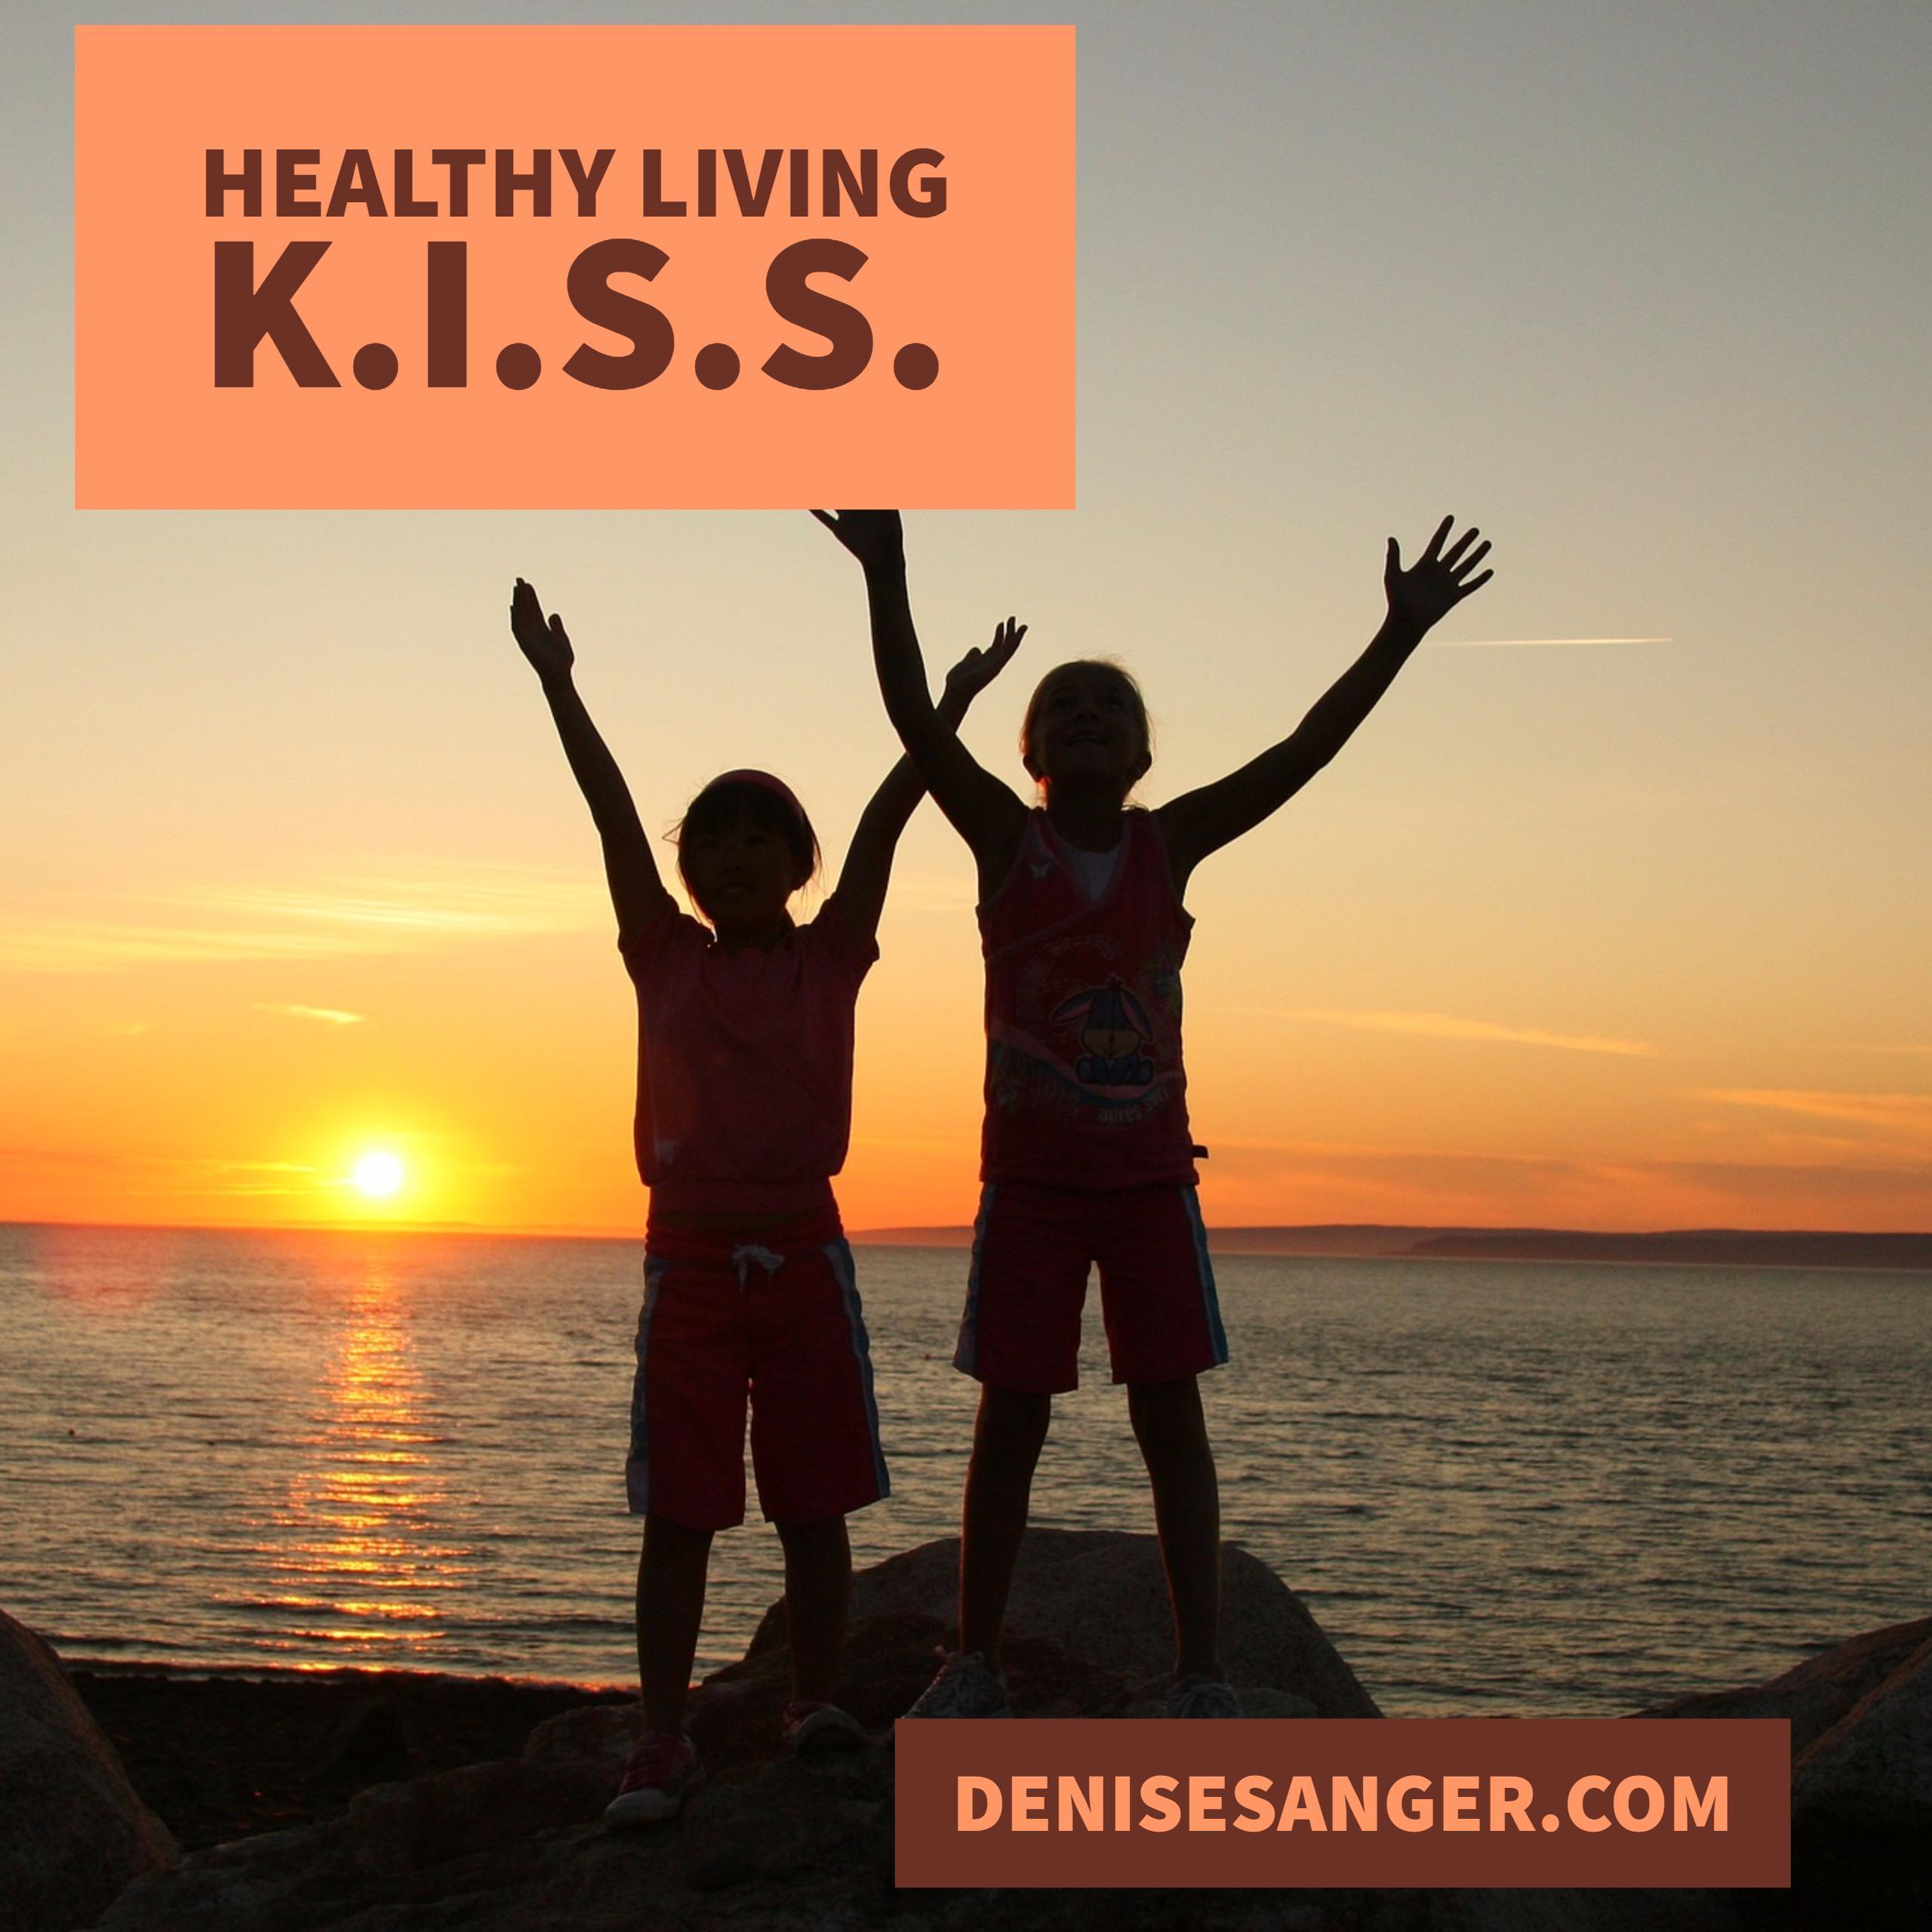 Healthy Living: Keep It Simple